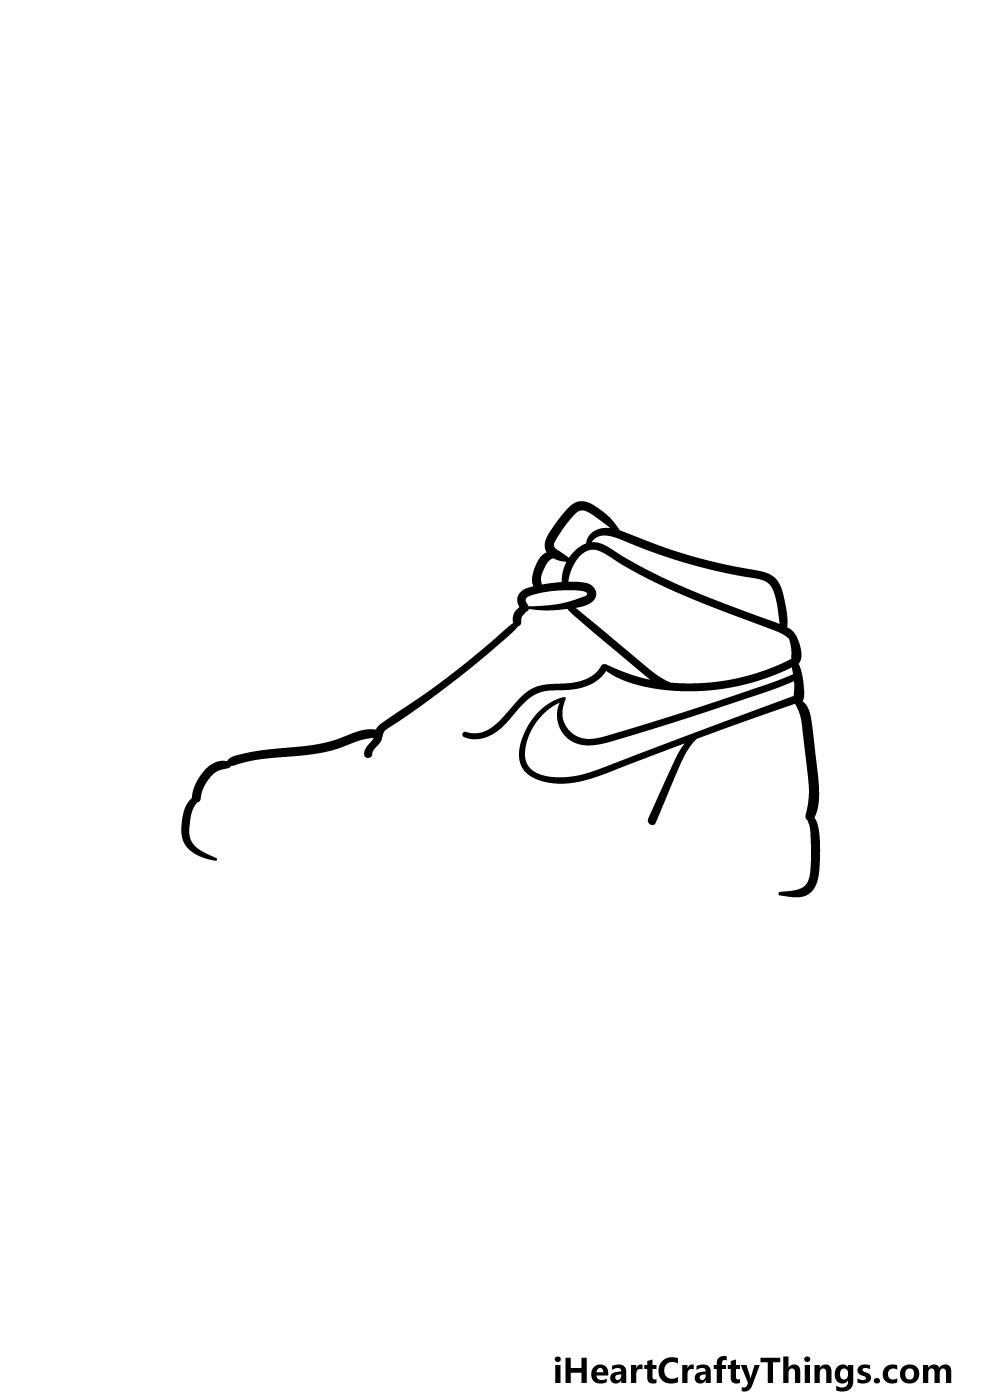 drawing air jordan shoes step 4